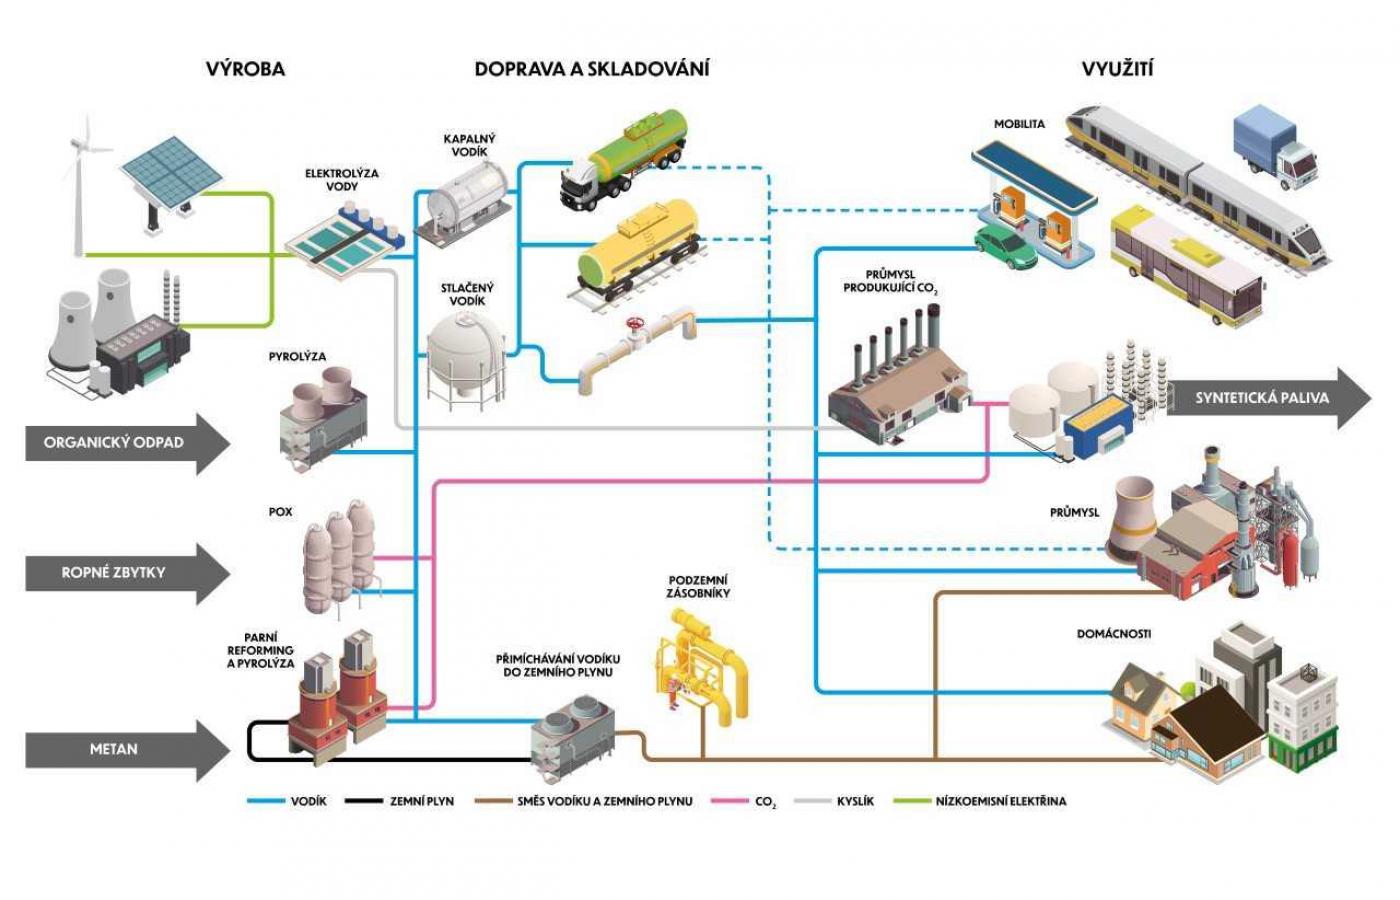 Vláda ČR schválila novou vodíkovou strategii